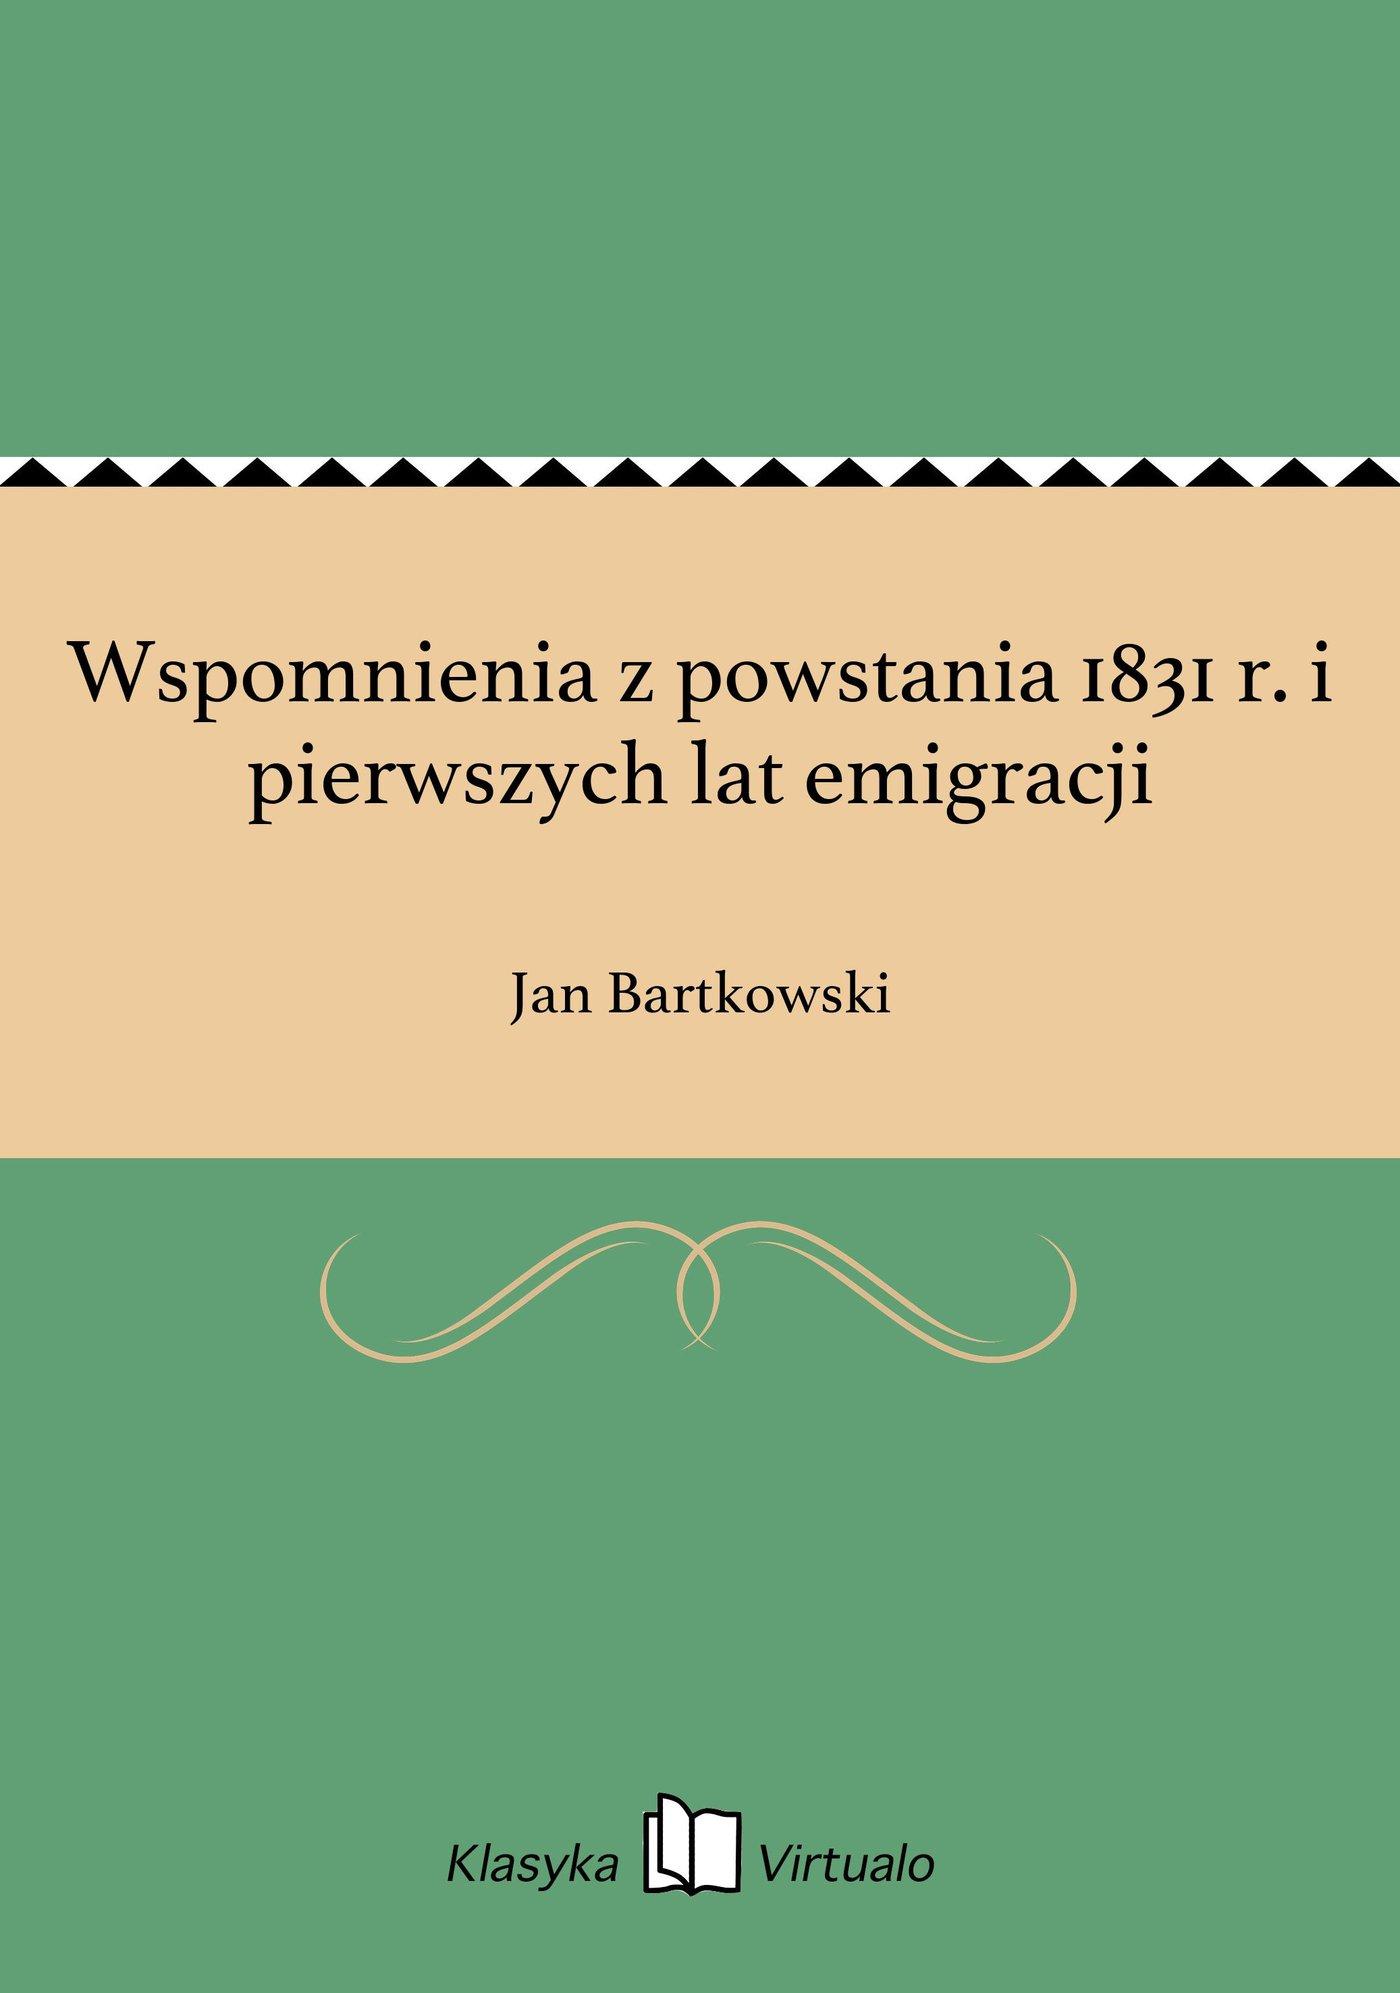 Wspomnienia z powstania 1831 r. i pierwszych lat emigracji - Ebook (Książka EPUB) do pobrania w formacie EPUB